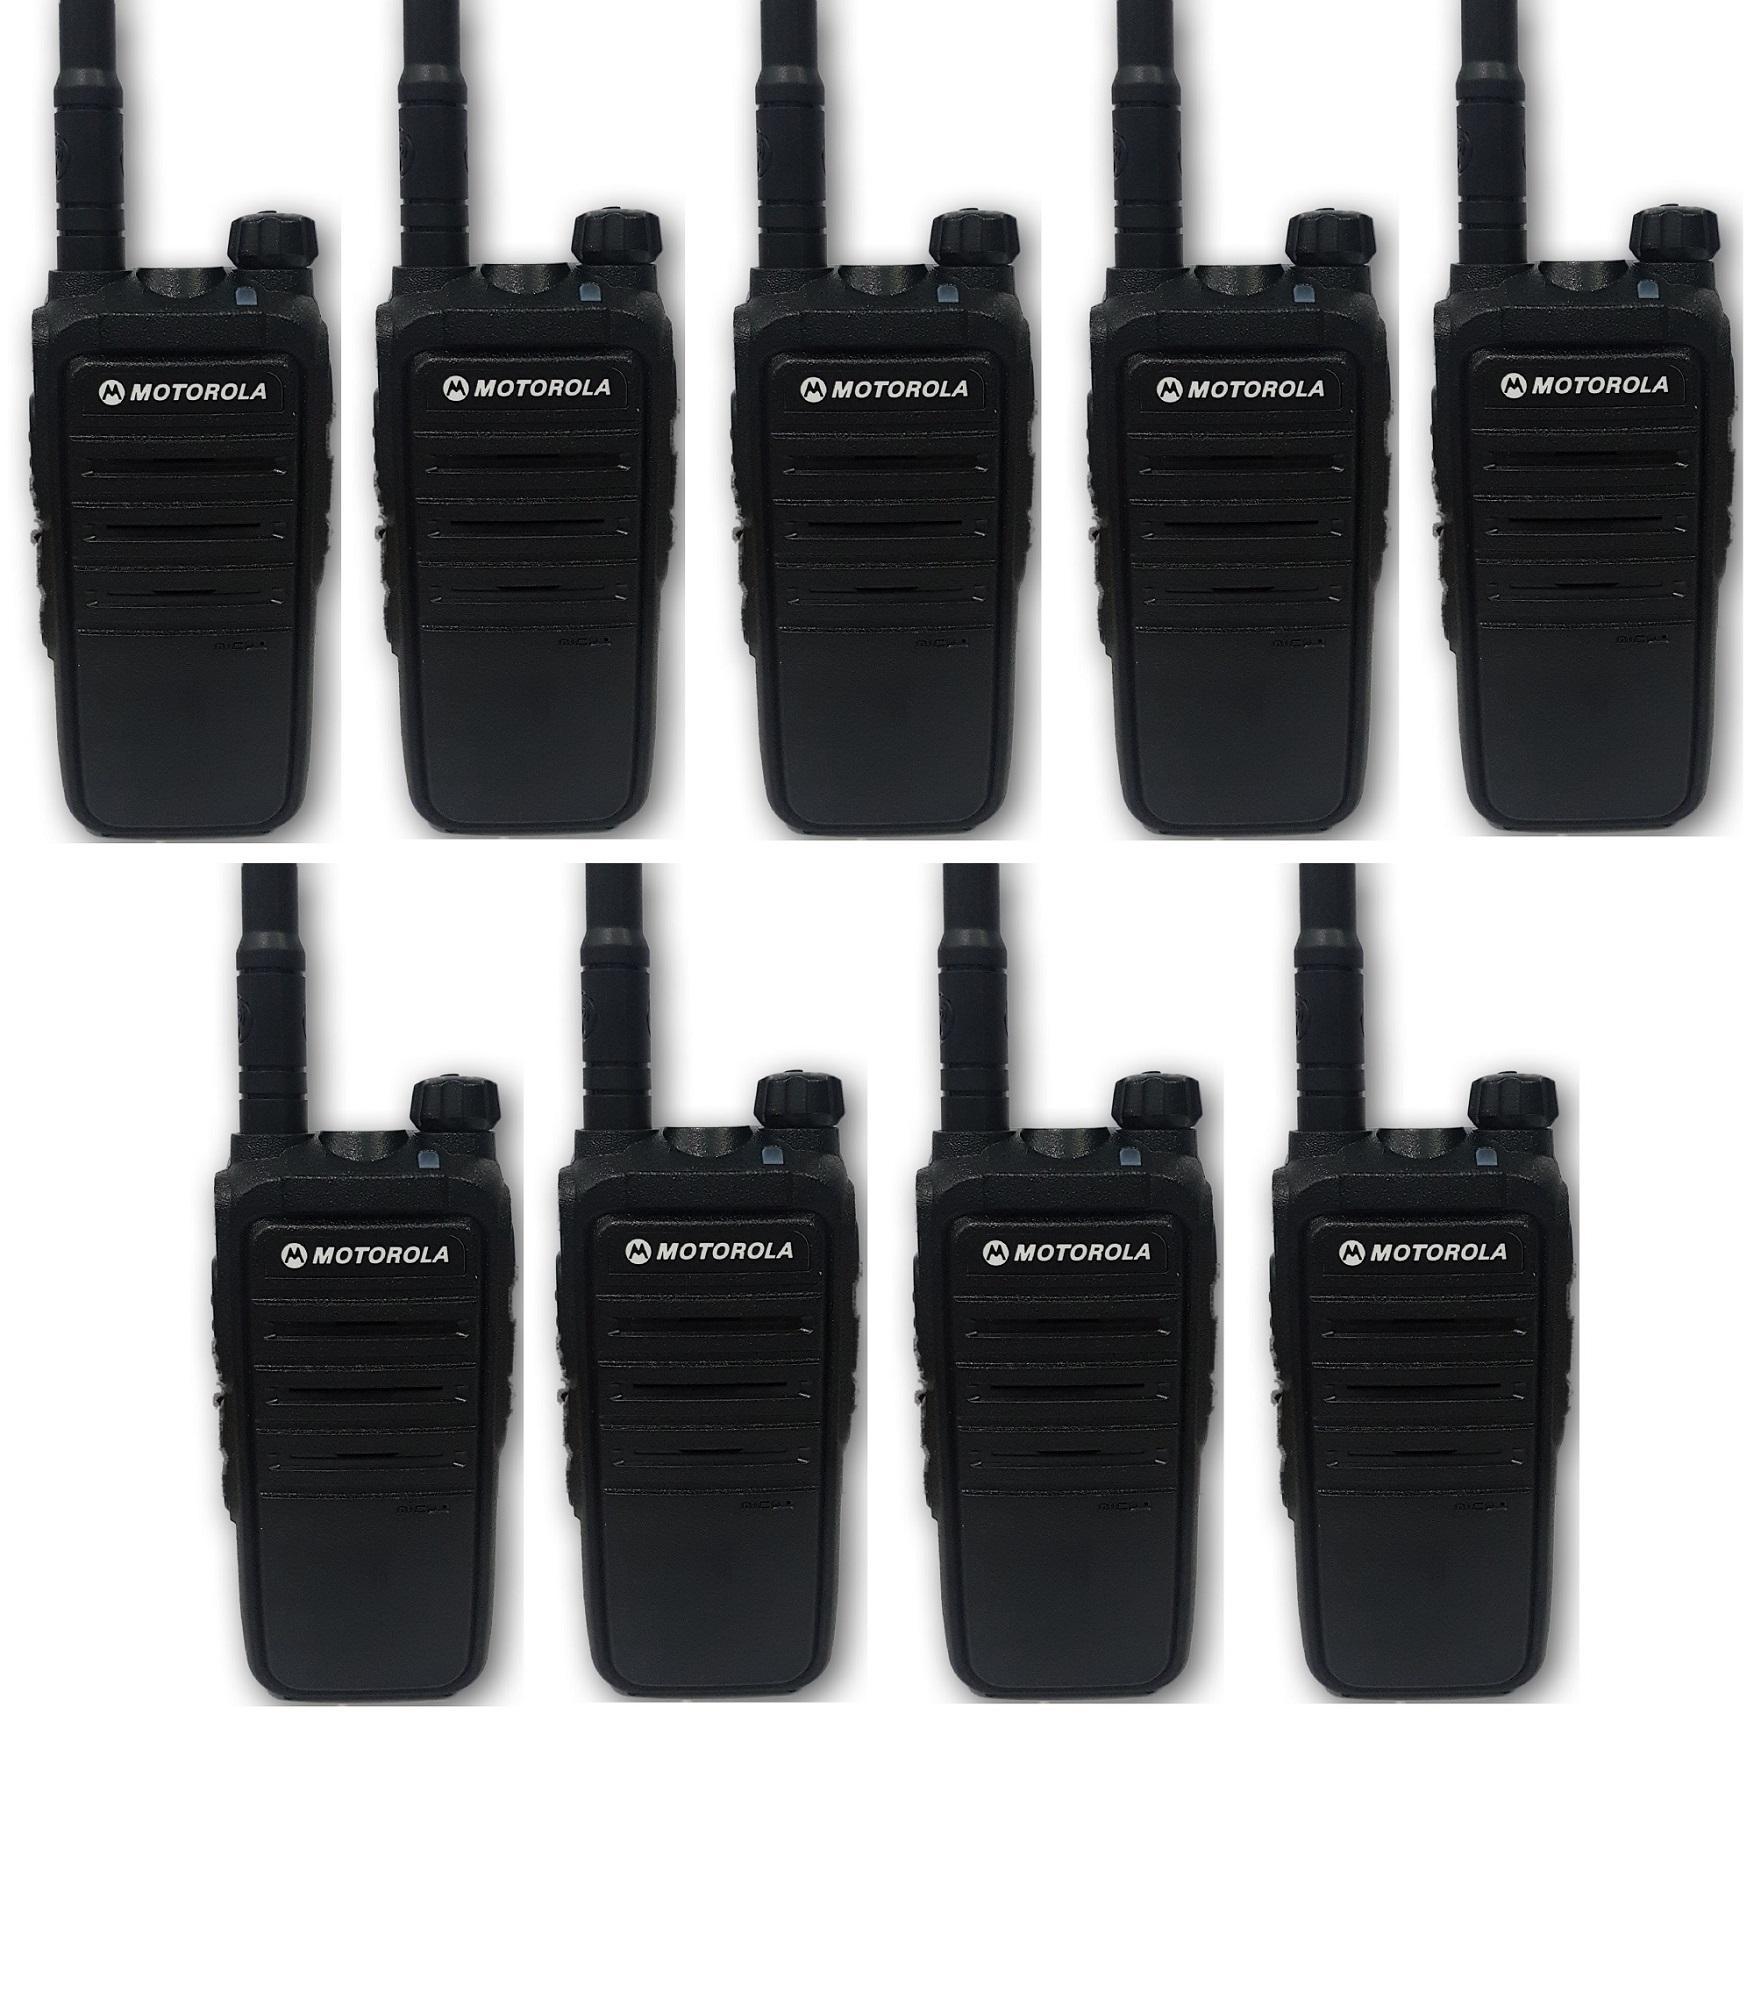 Bộ 9 Bộ đàm Motorola CP318 -Cự ly liên lạc tối thiểu 1km trong nội thành(BN3)+Tặng kèm 09 Tai nghe